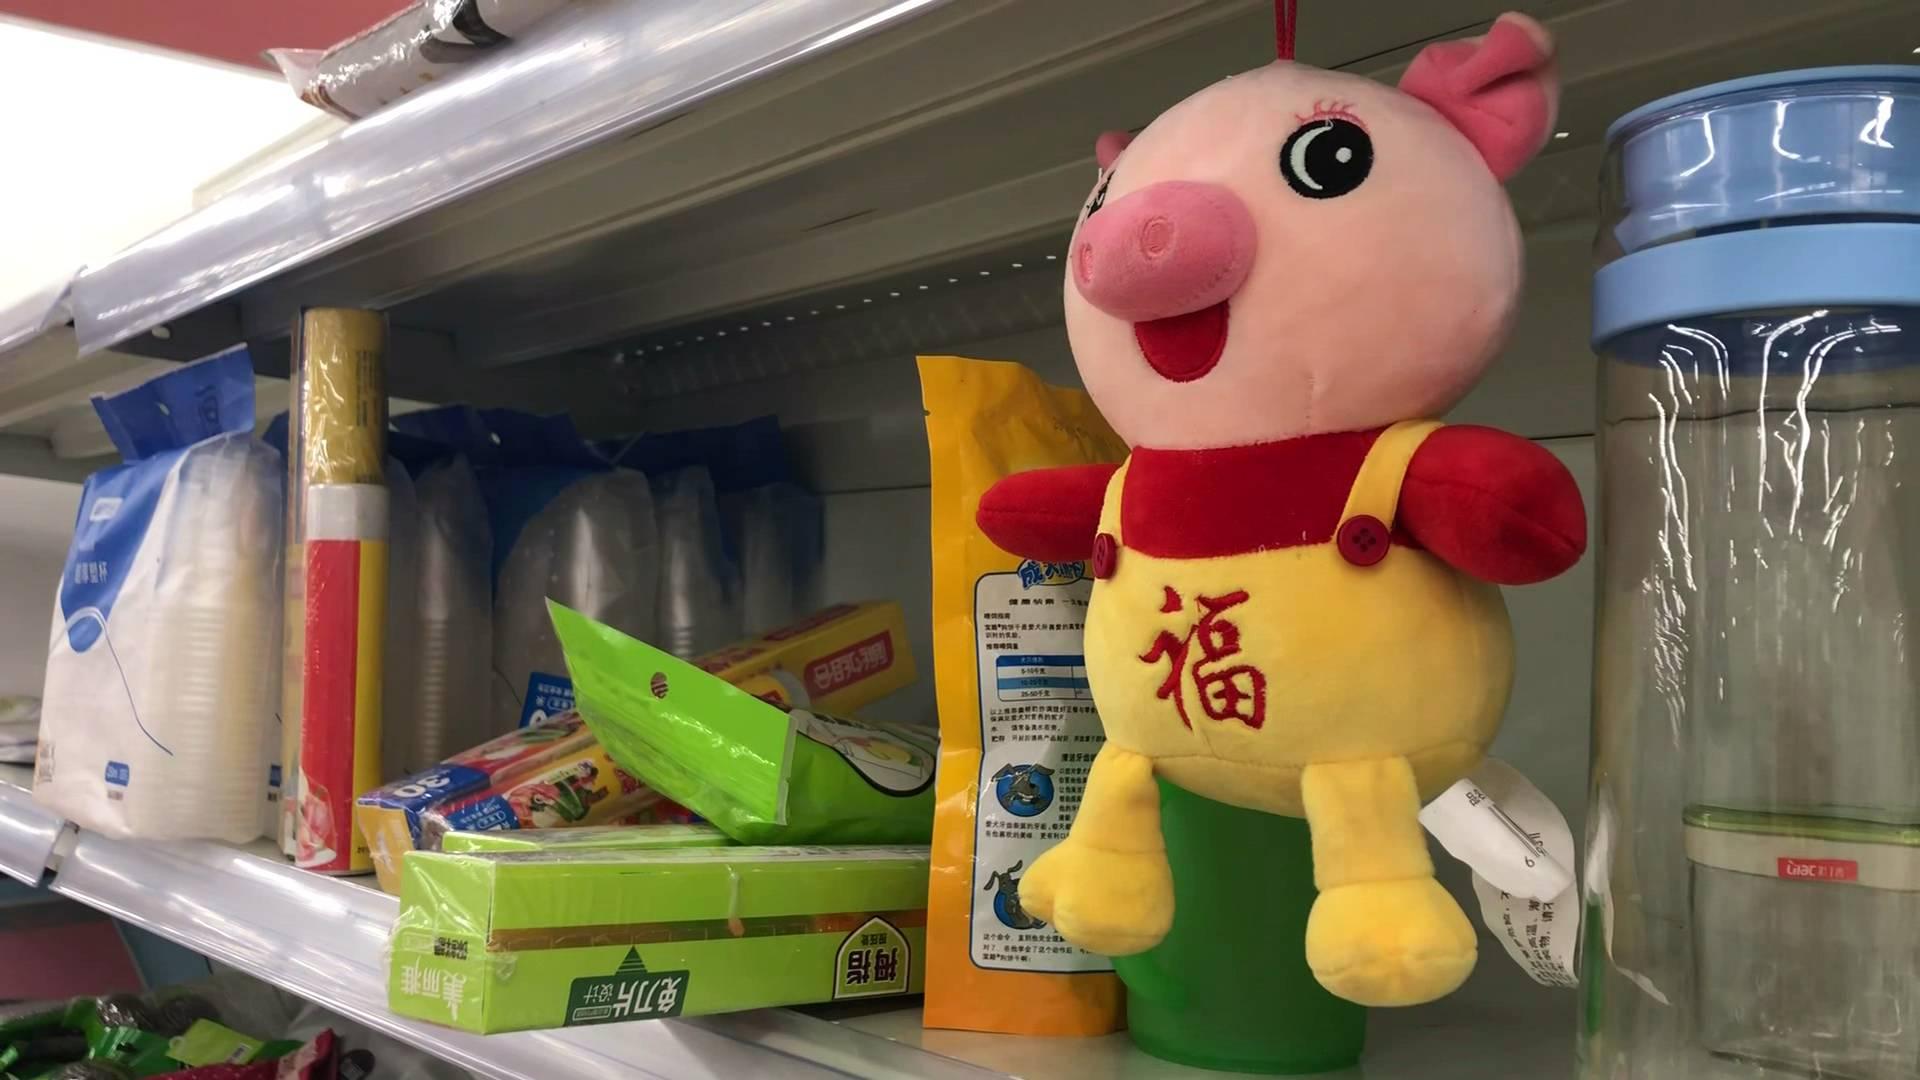 66秒|记者探访:低至2折的华润万家超市如今怎么样了?